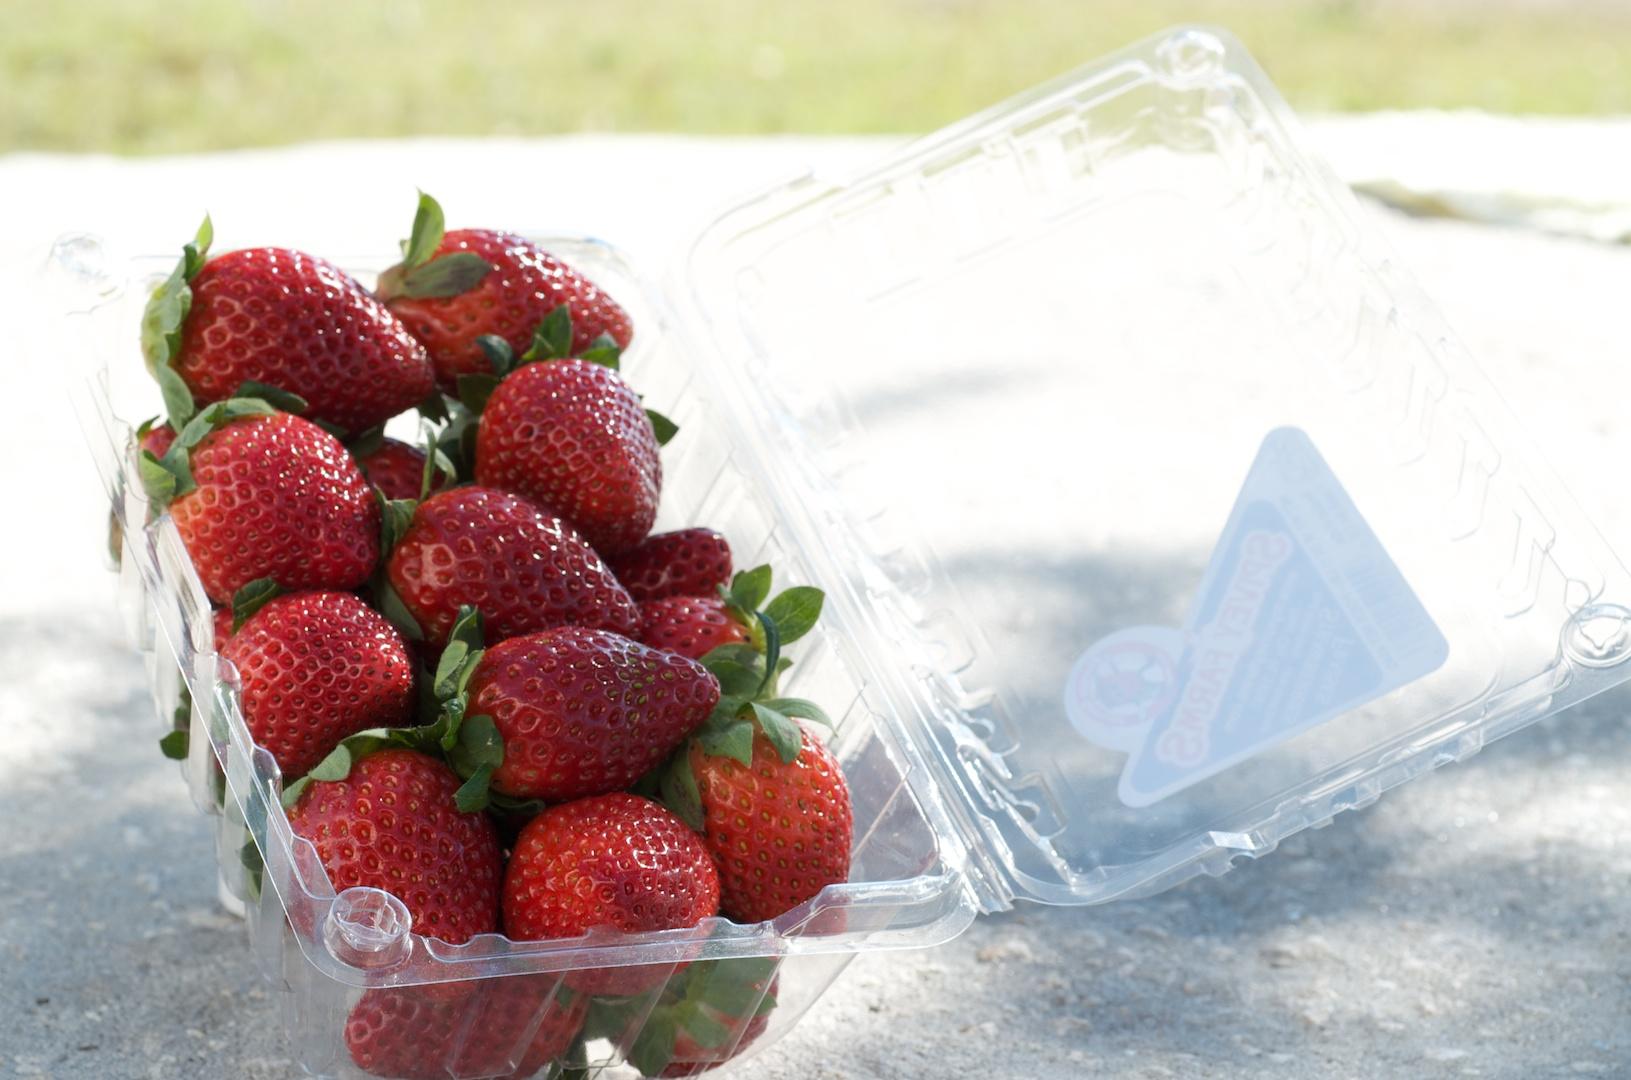 http://strawberrysue.com/wp-content/uploads/2011/09/CA23139.jpg